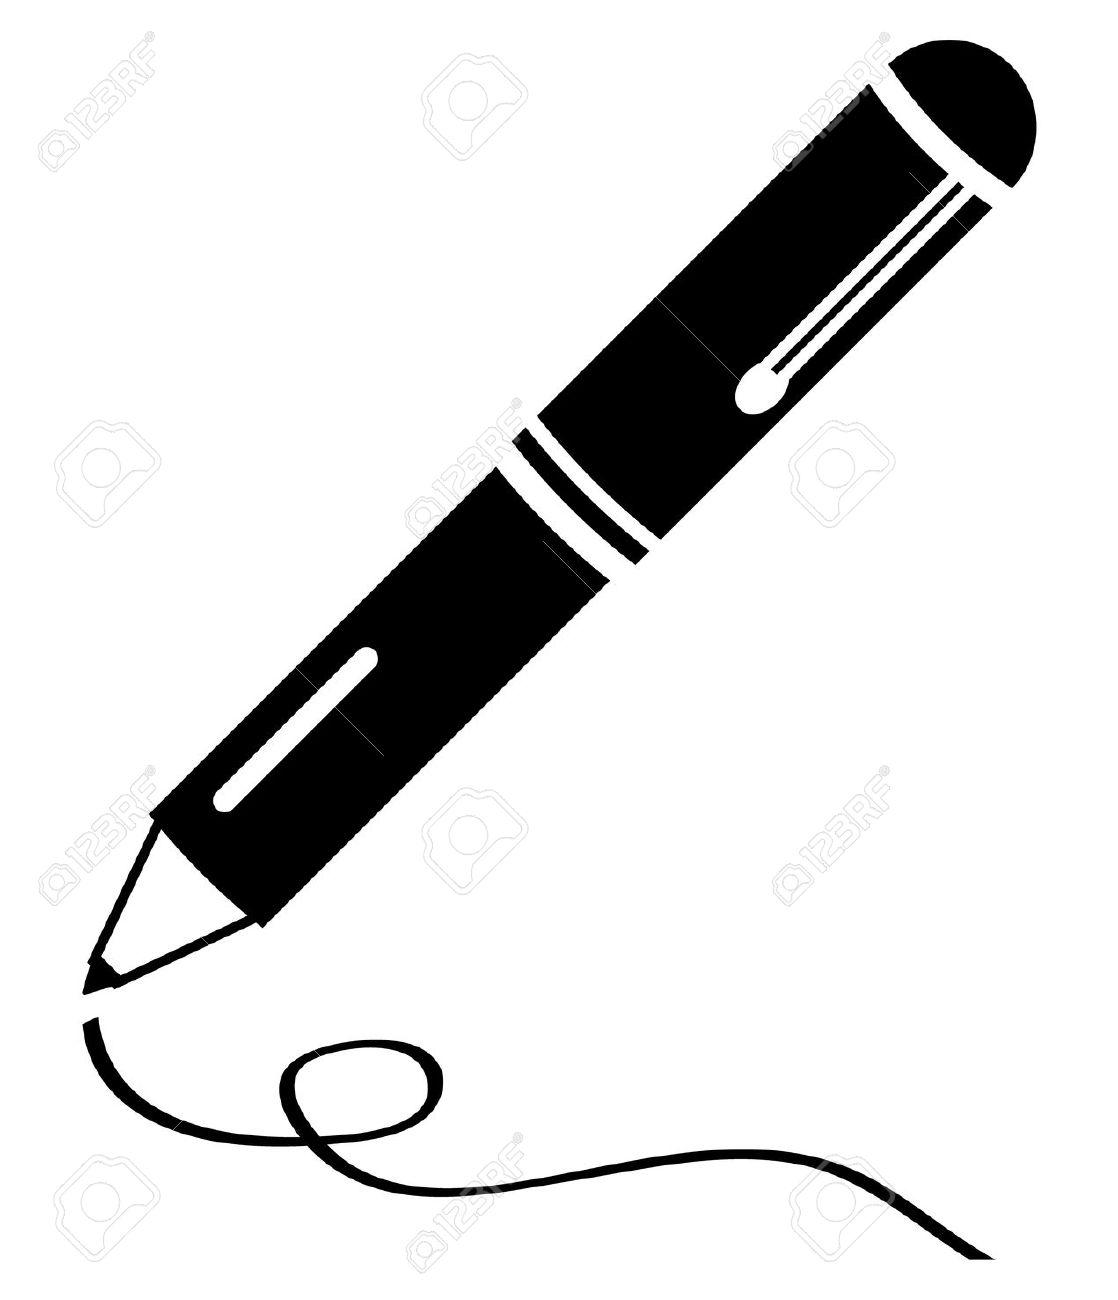 Schreibfeder Saubere Schwarze Ikone Lizenzfrei Nutzbare.